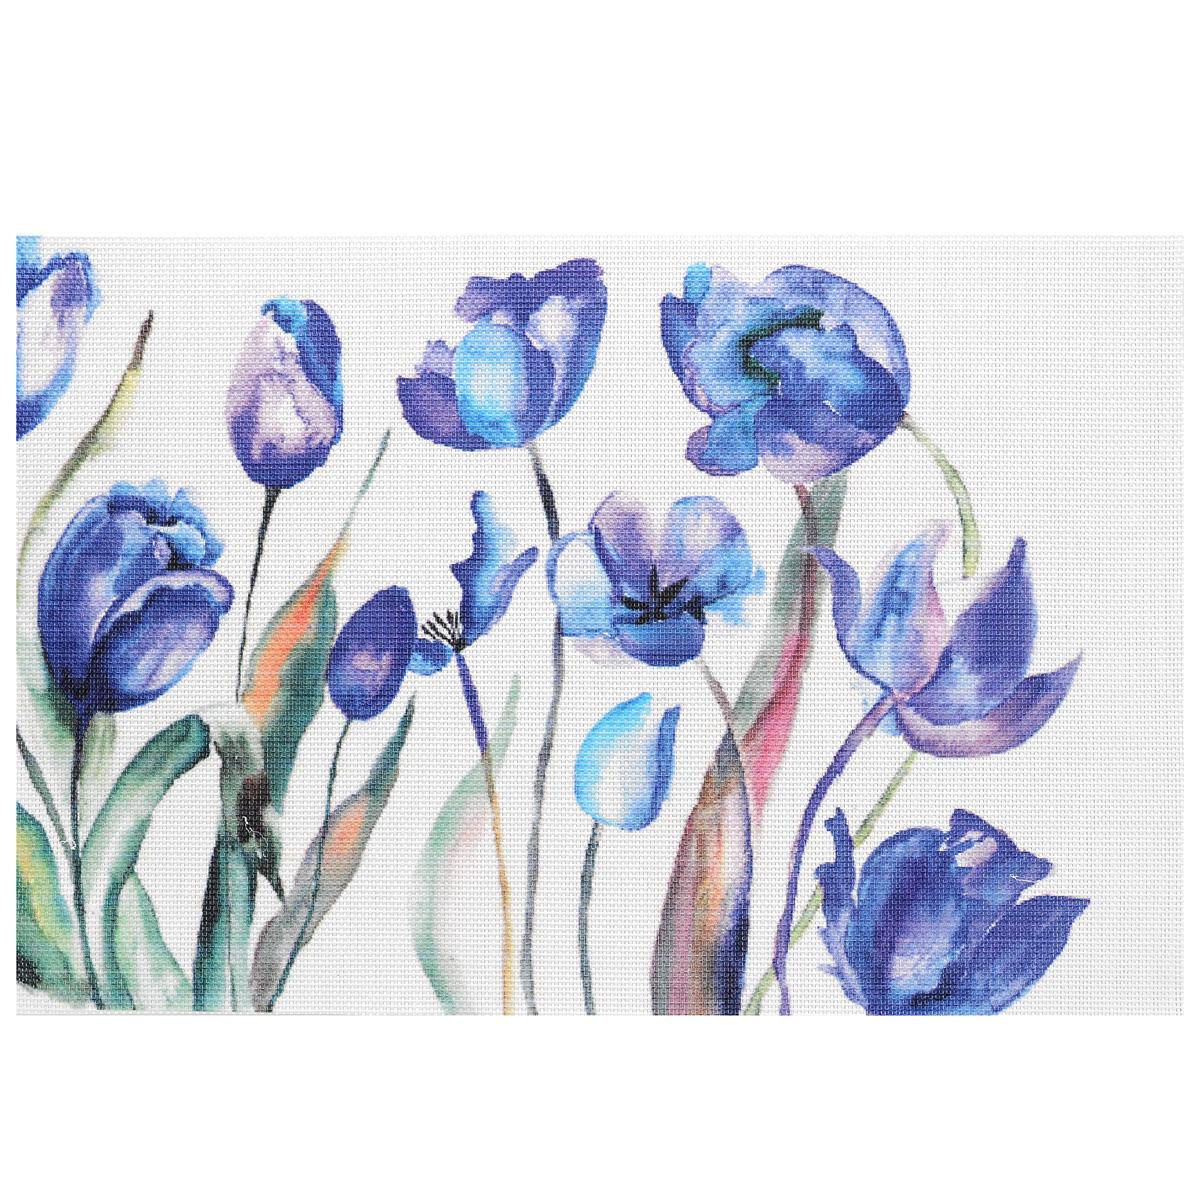 Подставка под горячее Hans & Gretchen Синие цветы, 45 х 30 см. 28HZ-901328HZ-9013Прямоугольная подставка под горячее Hans & Gretchen Синие цветы выполнена из мягкого пластика. Изделие, украшенное красочным изображением, идеально впишется в интерьер современной кухни. Подставка не боится высоких температур и легко чистится от пятен и жира. Каждая хозяйка знает, что подставка под горячее - это незаменимый и очень полезный аксессуар на каждой кухне. Ваш стол будет не только украшен оригинальной подставкой с красивым рисунком, но и сбережен от воздействия высоких температур ваших кулинарных шедевров. Размер подставки: 45 см х 30 см.